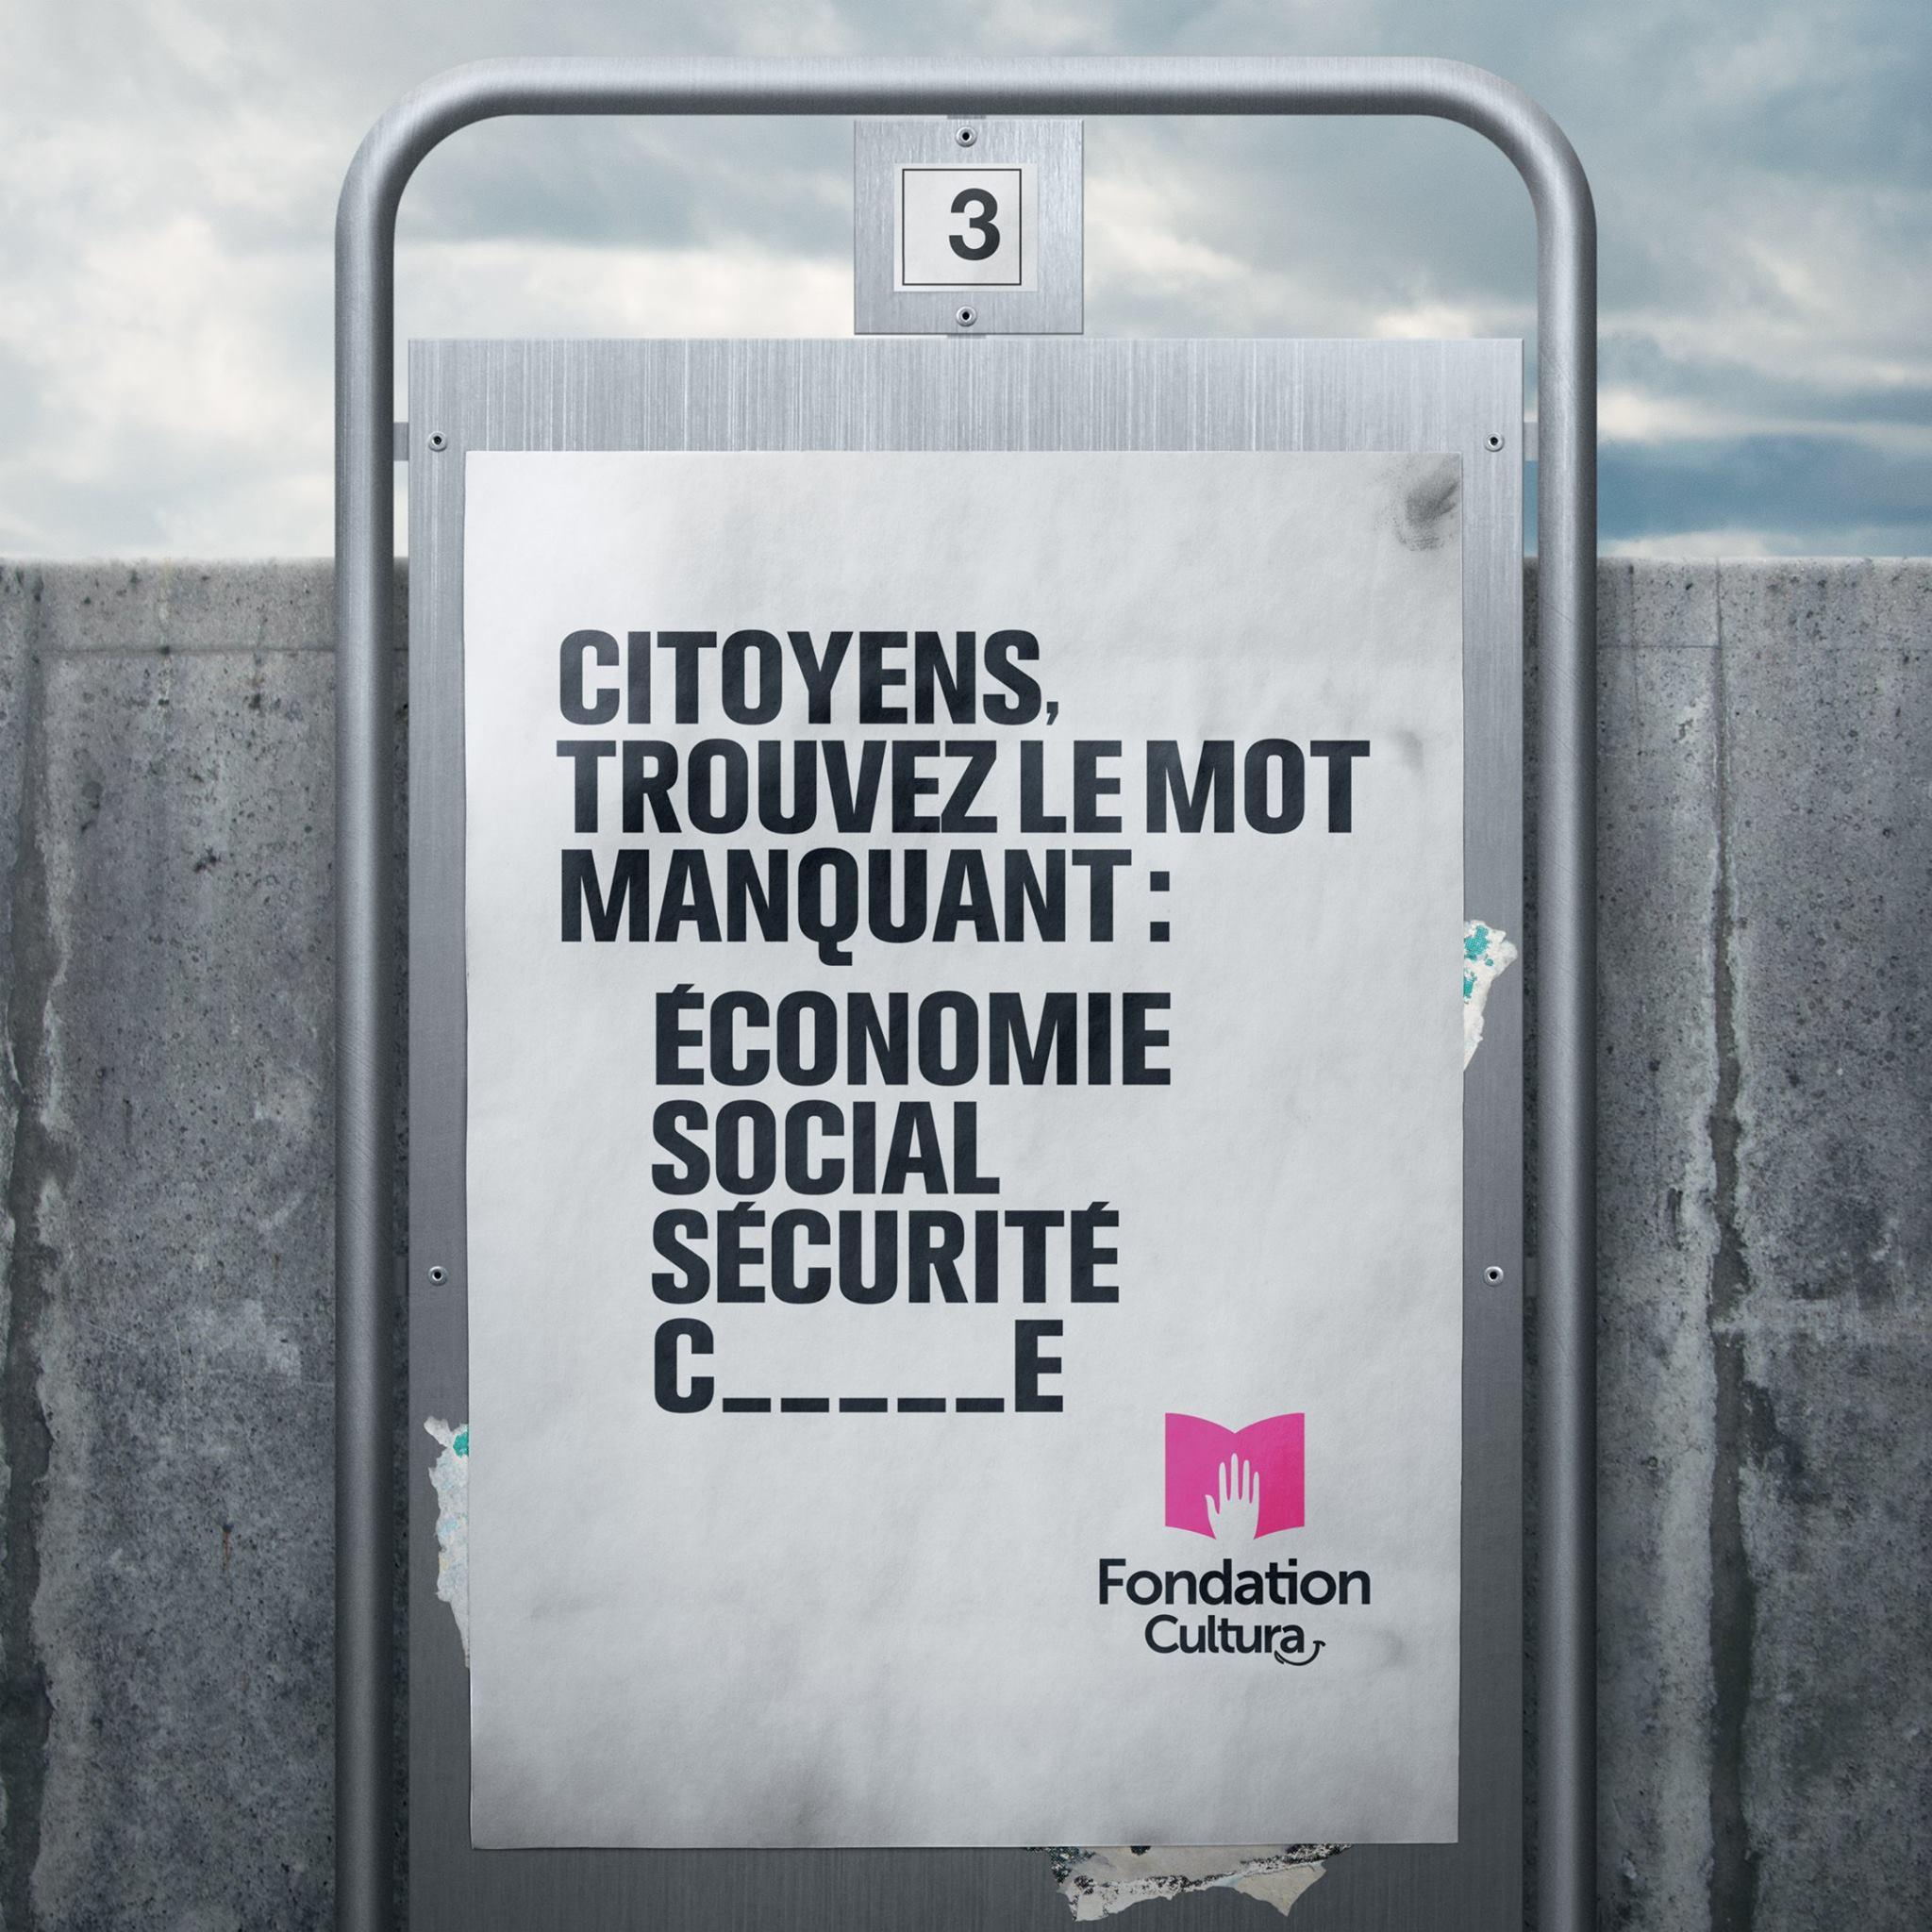 fondation-cultura-publicite-communication-affiche-la-culture-presidentielle-2017-candidats-agence-st-johns-1